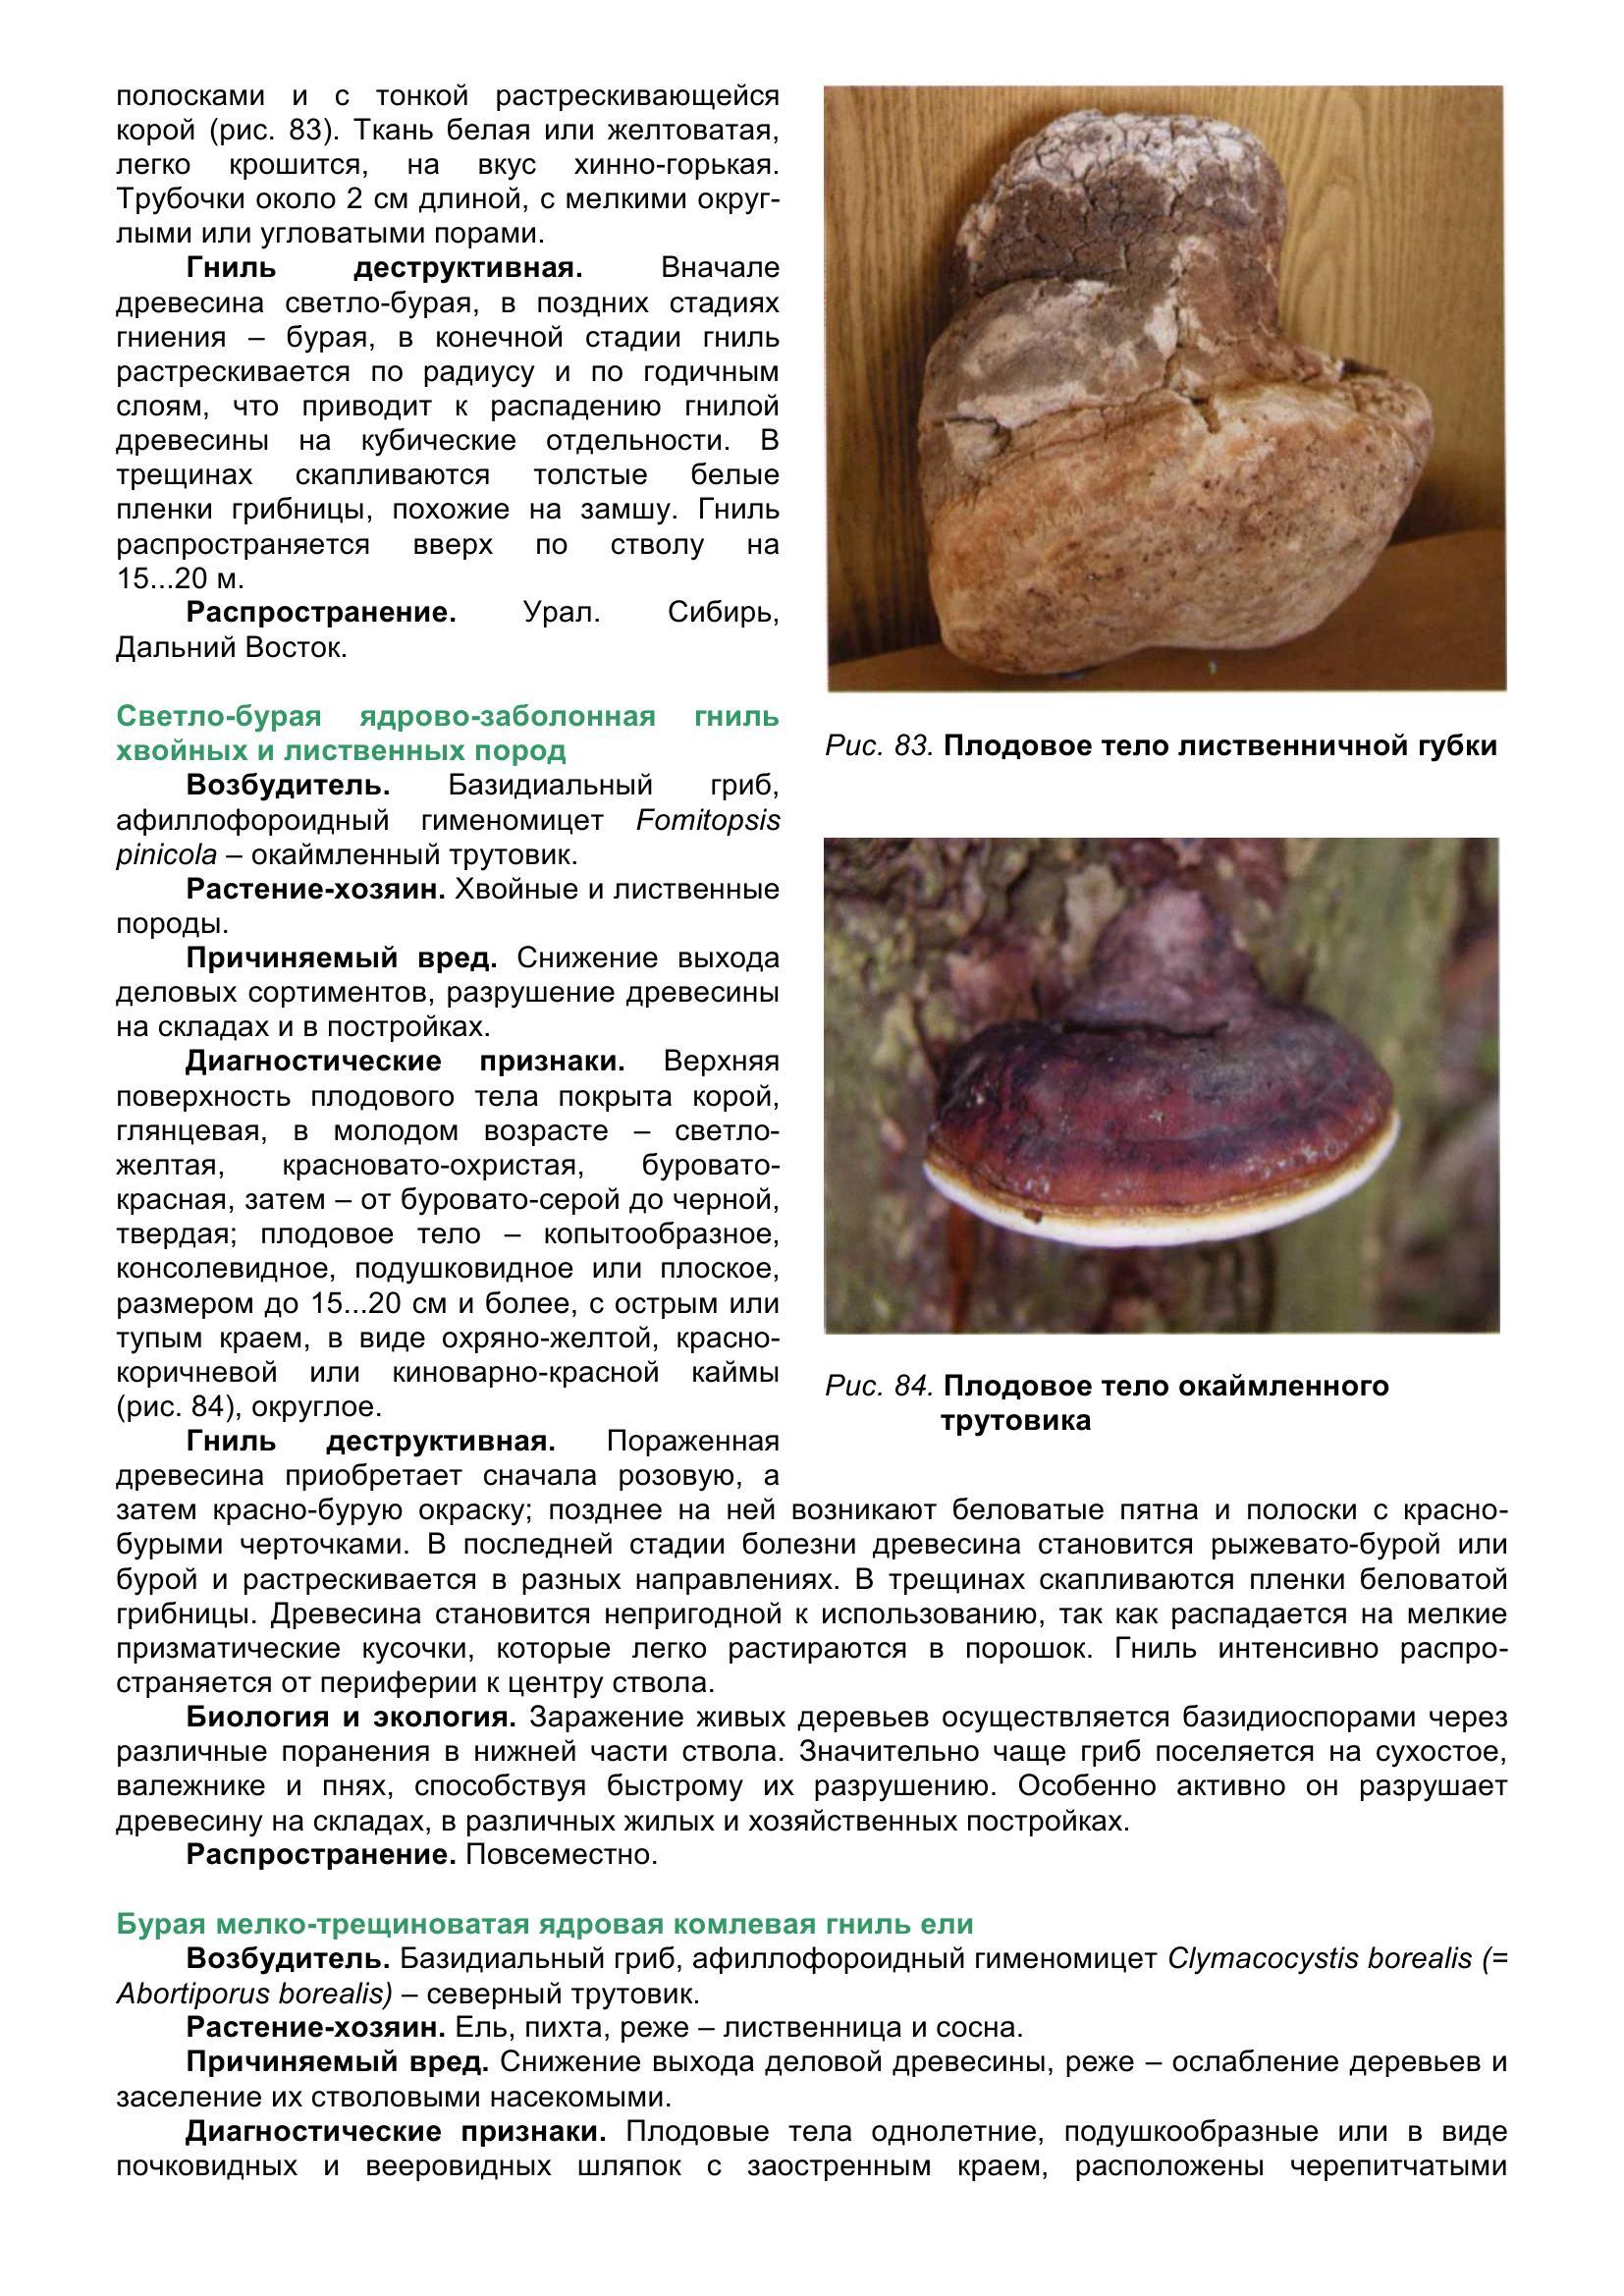 Болезни_древесных_растений_095.jpg